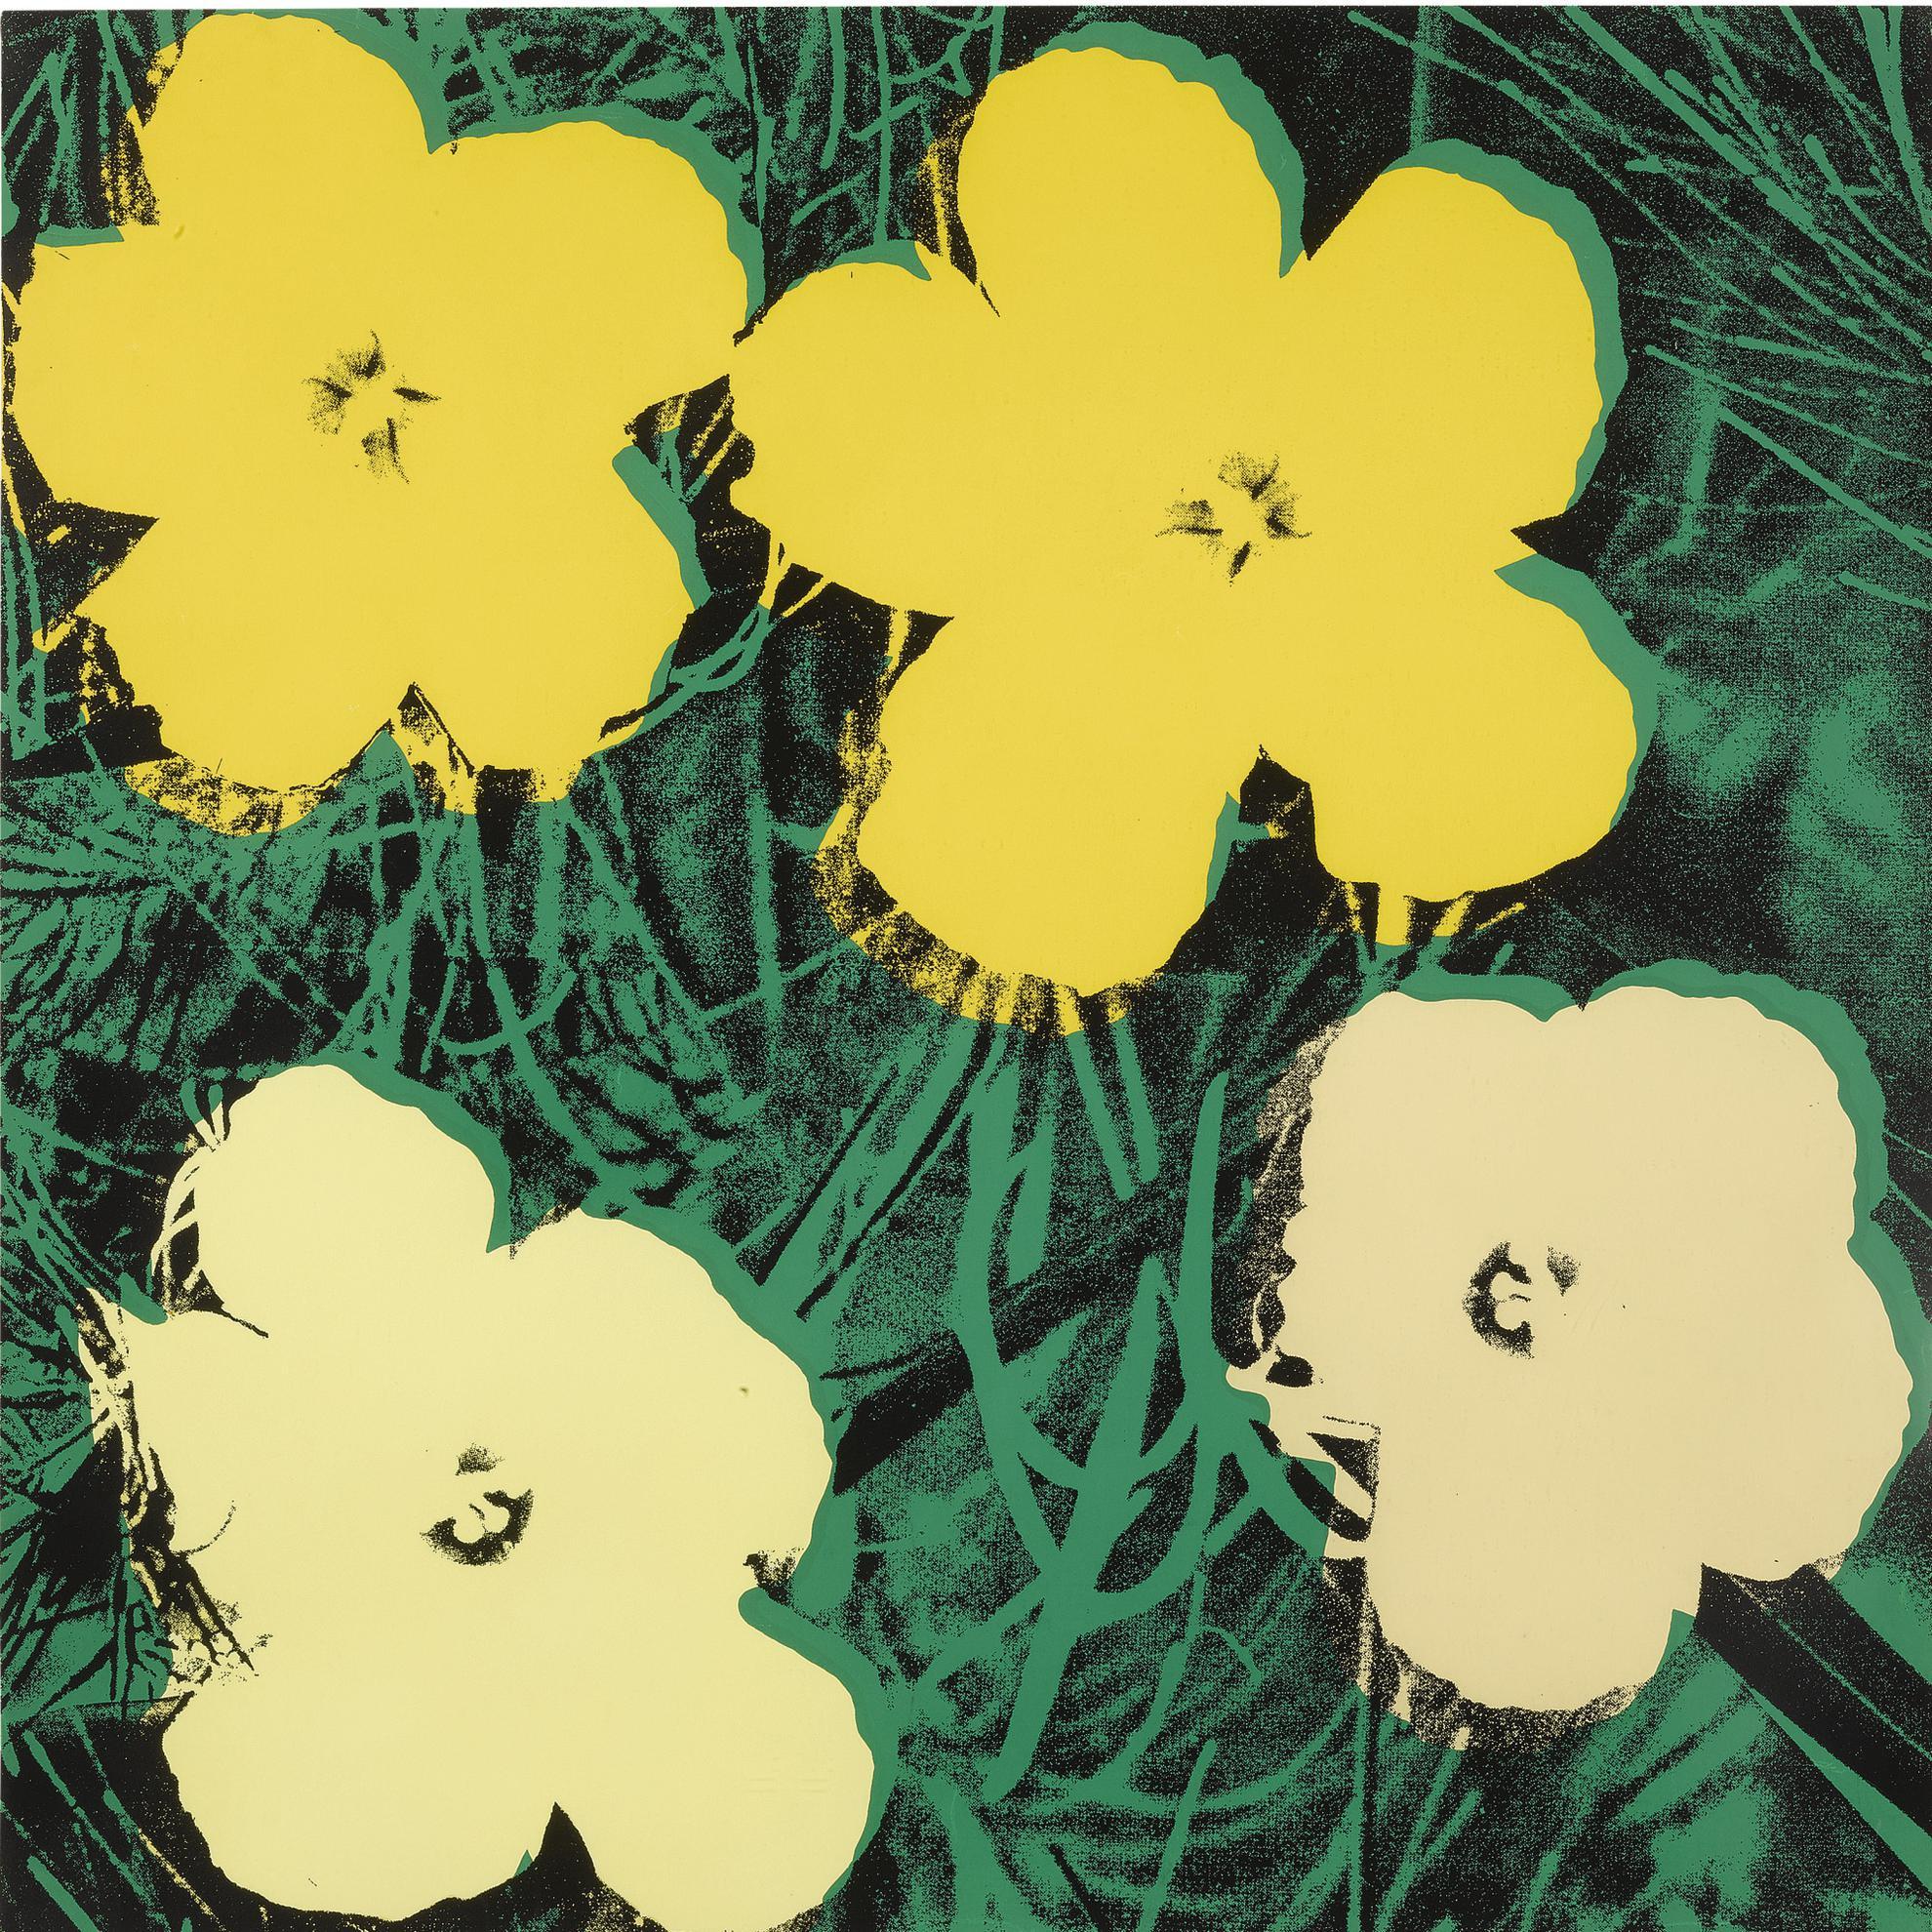 Andy Warhol-Flowers (F. & S. II.72)-1970